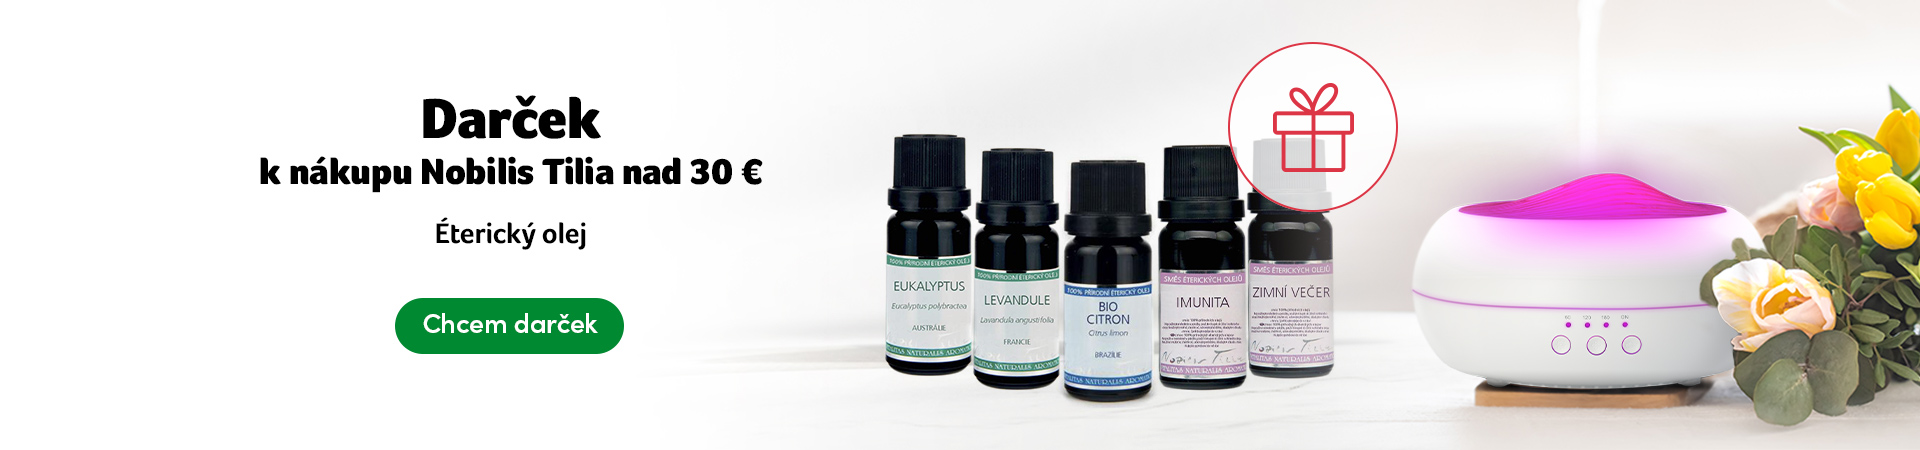 Darček - Nobilis Tilia nad 30 eur - éterický olej